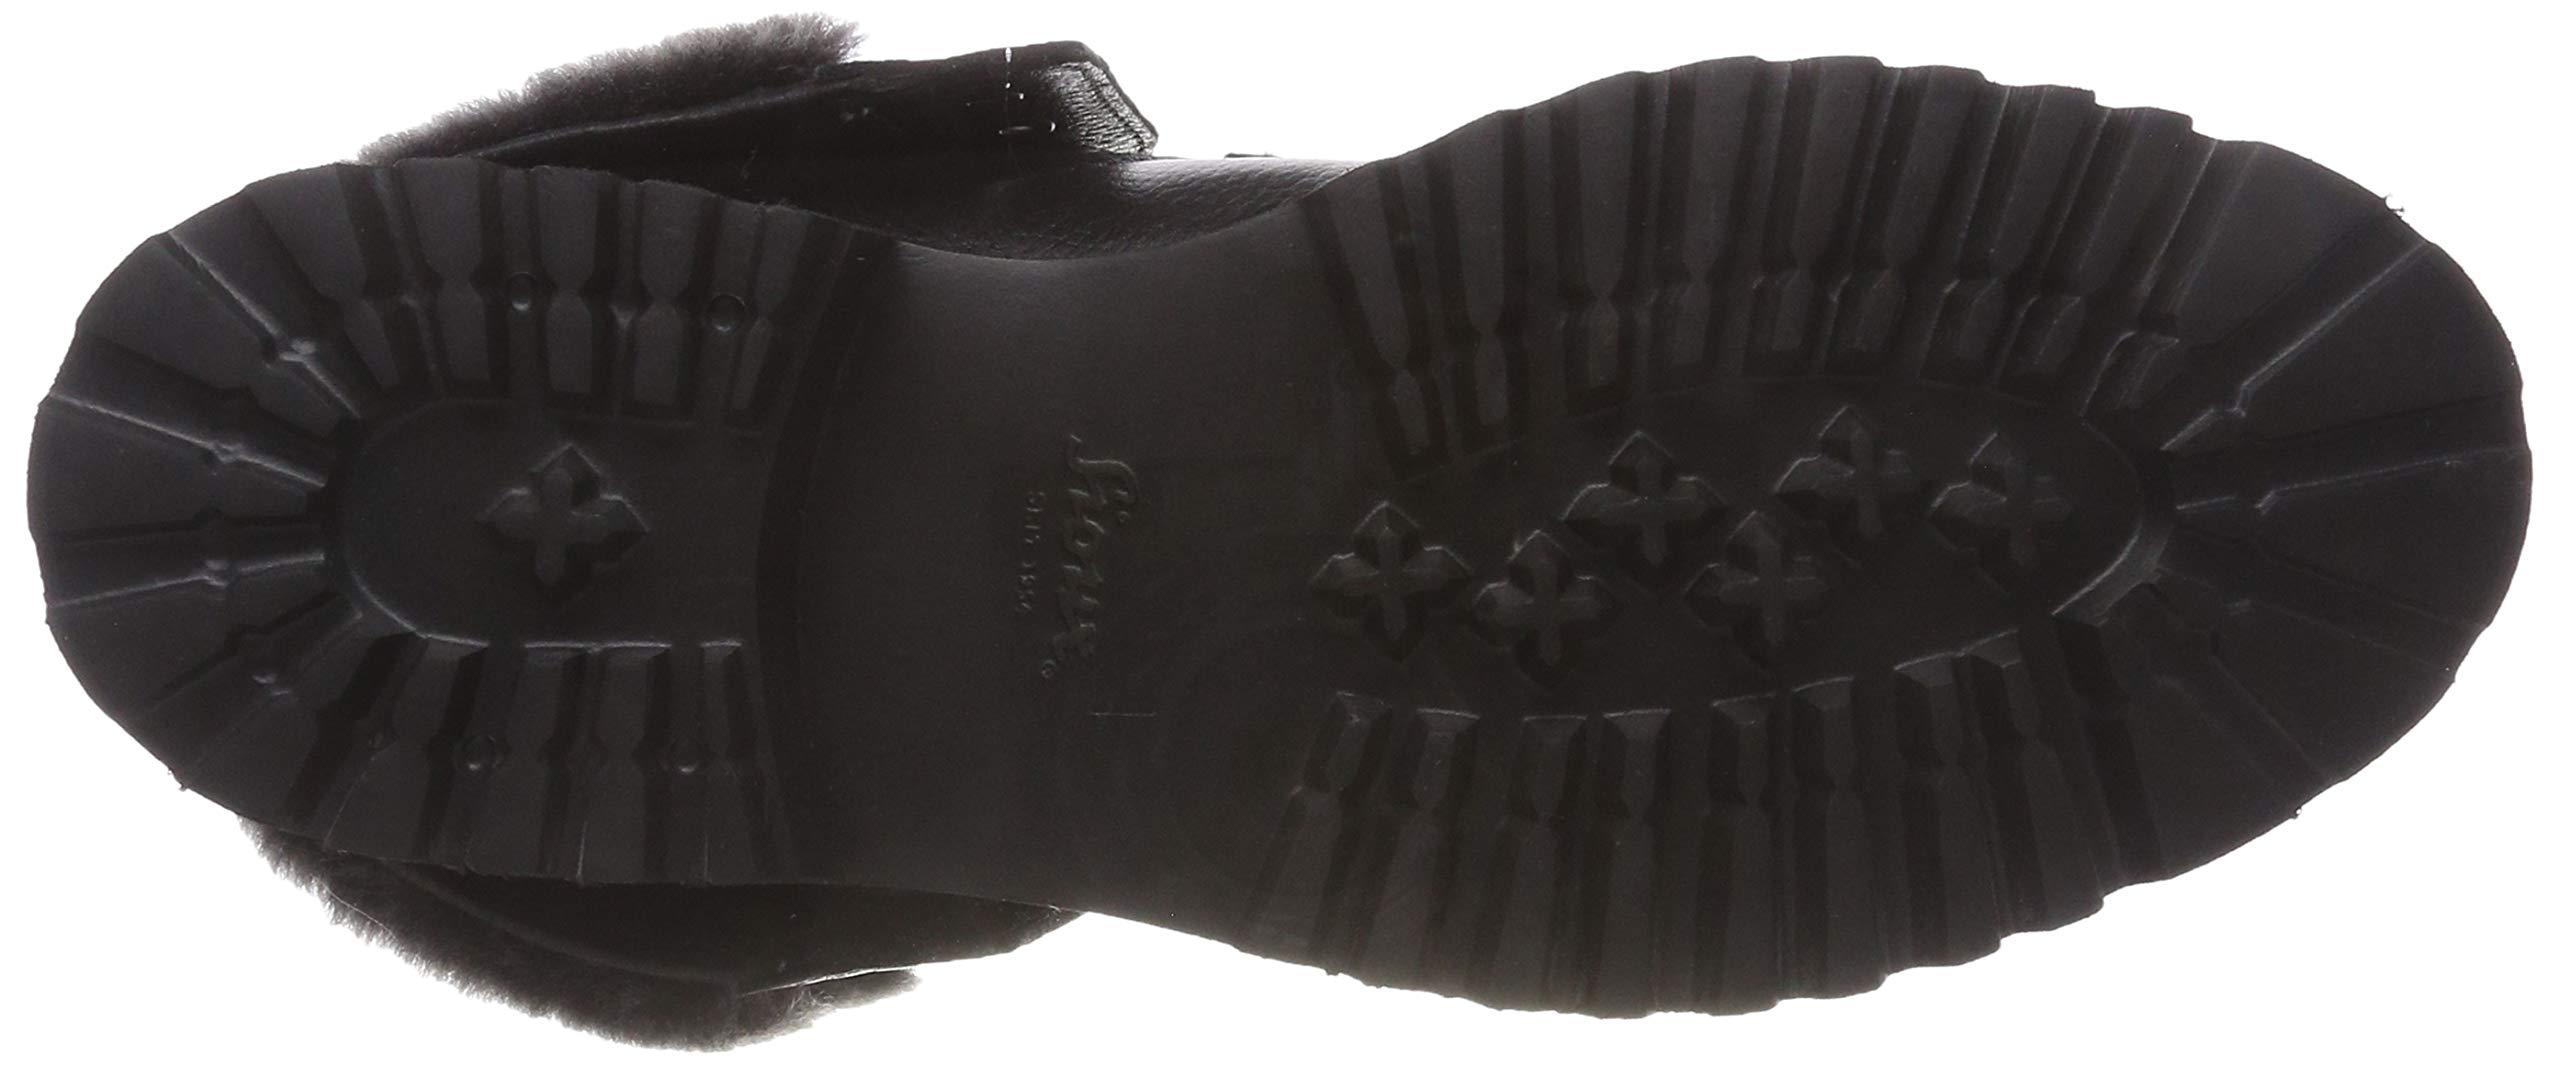 Sioux Herren Quendron-707-lf Klassische Stiefel